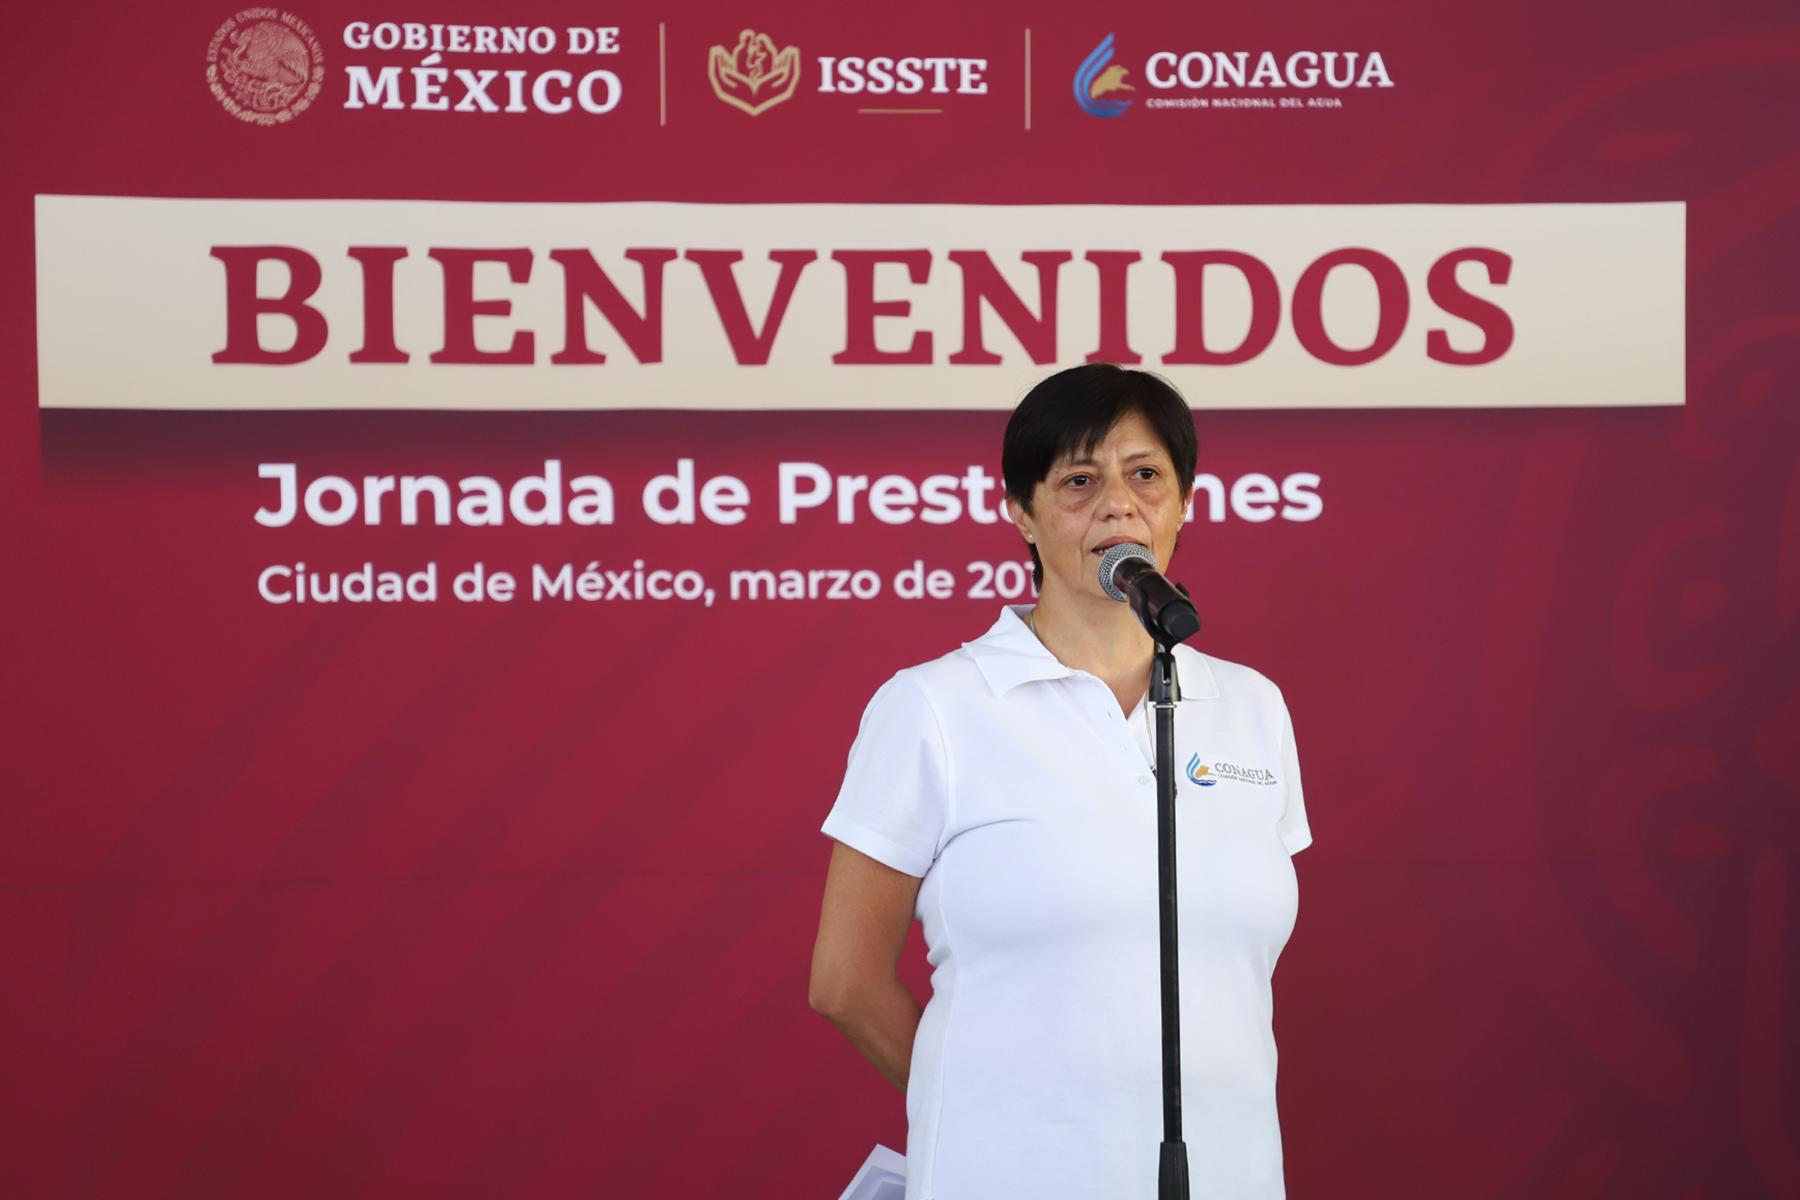 """La Directora General de Conagua informó que la jornada de Prestaciones """"El ISSSTE contigo"""" en la Conagua durará tres días."""